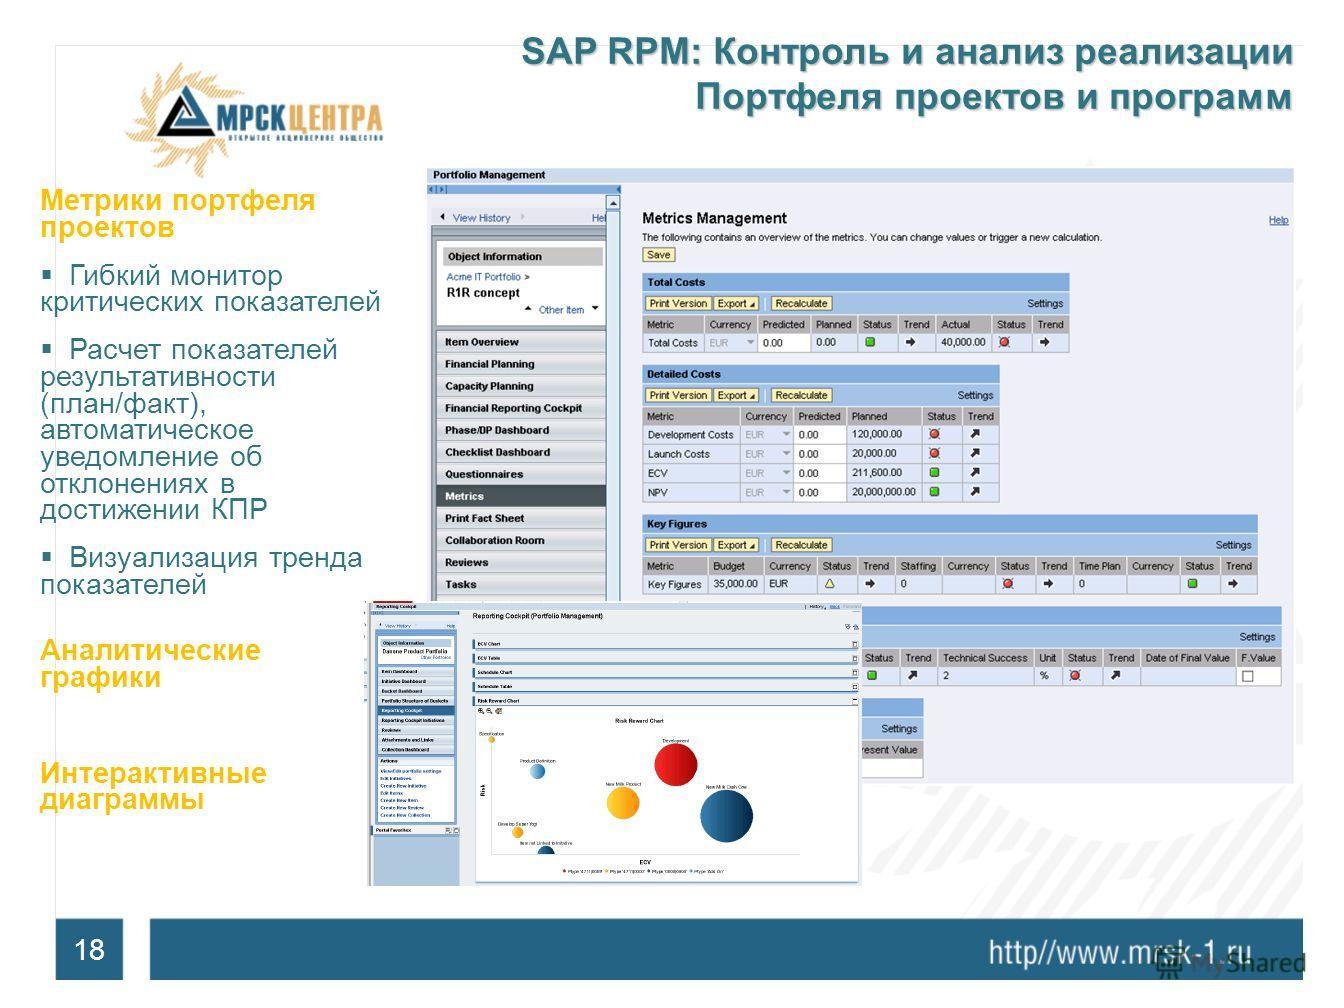 18 SAP RPM: Контроль и анализ реализации Портфеля проектов и программ Метрики портфеля проектов Гибкий монитор критических показателей Расчет показателей результативности (план/факт), автоматическое уведомление об отклонениях в достижении КПР Визуали